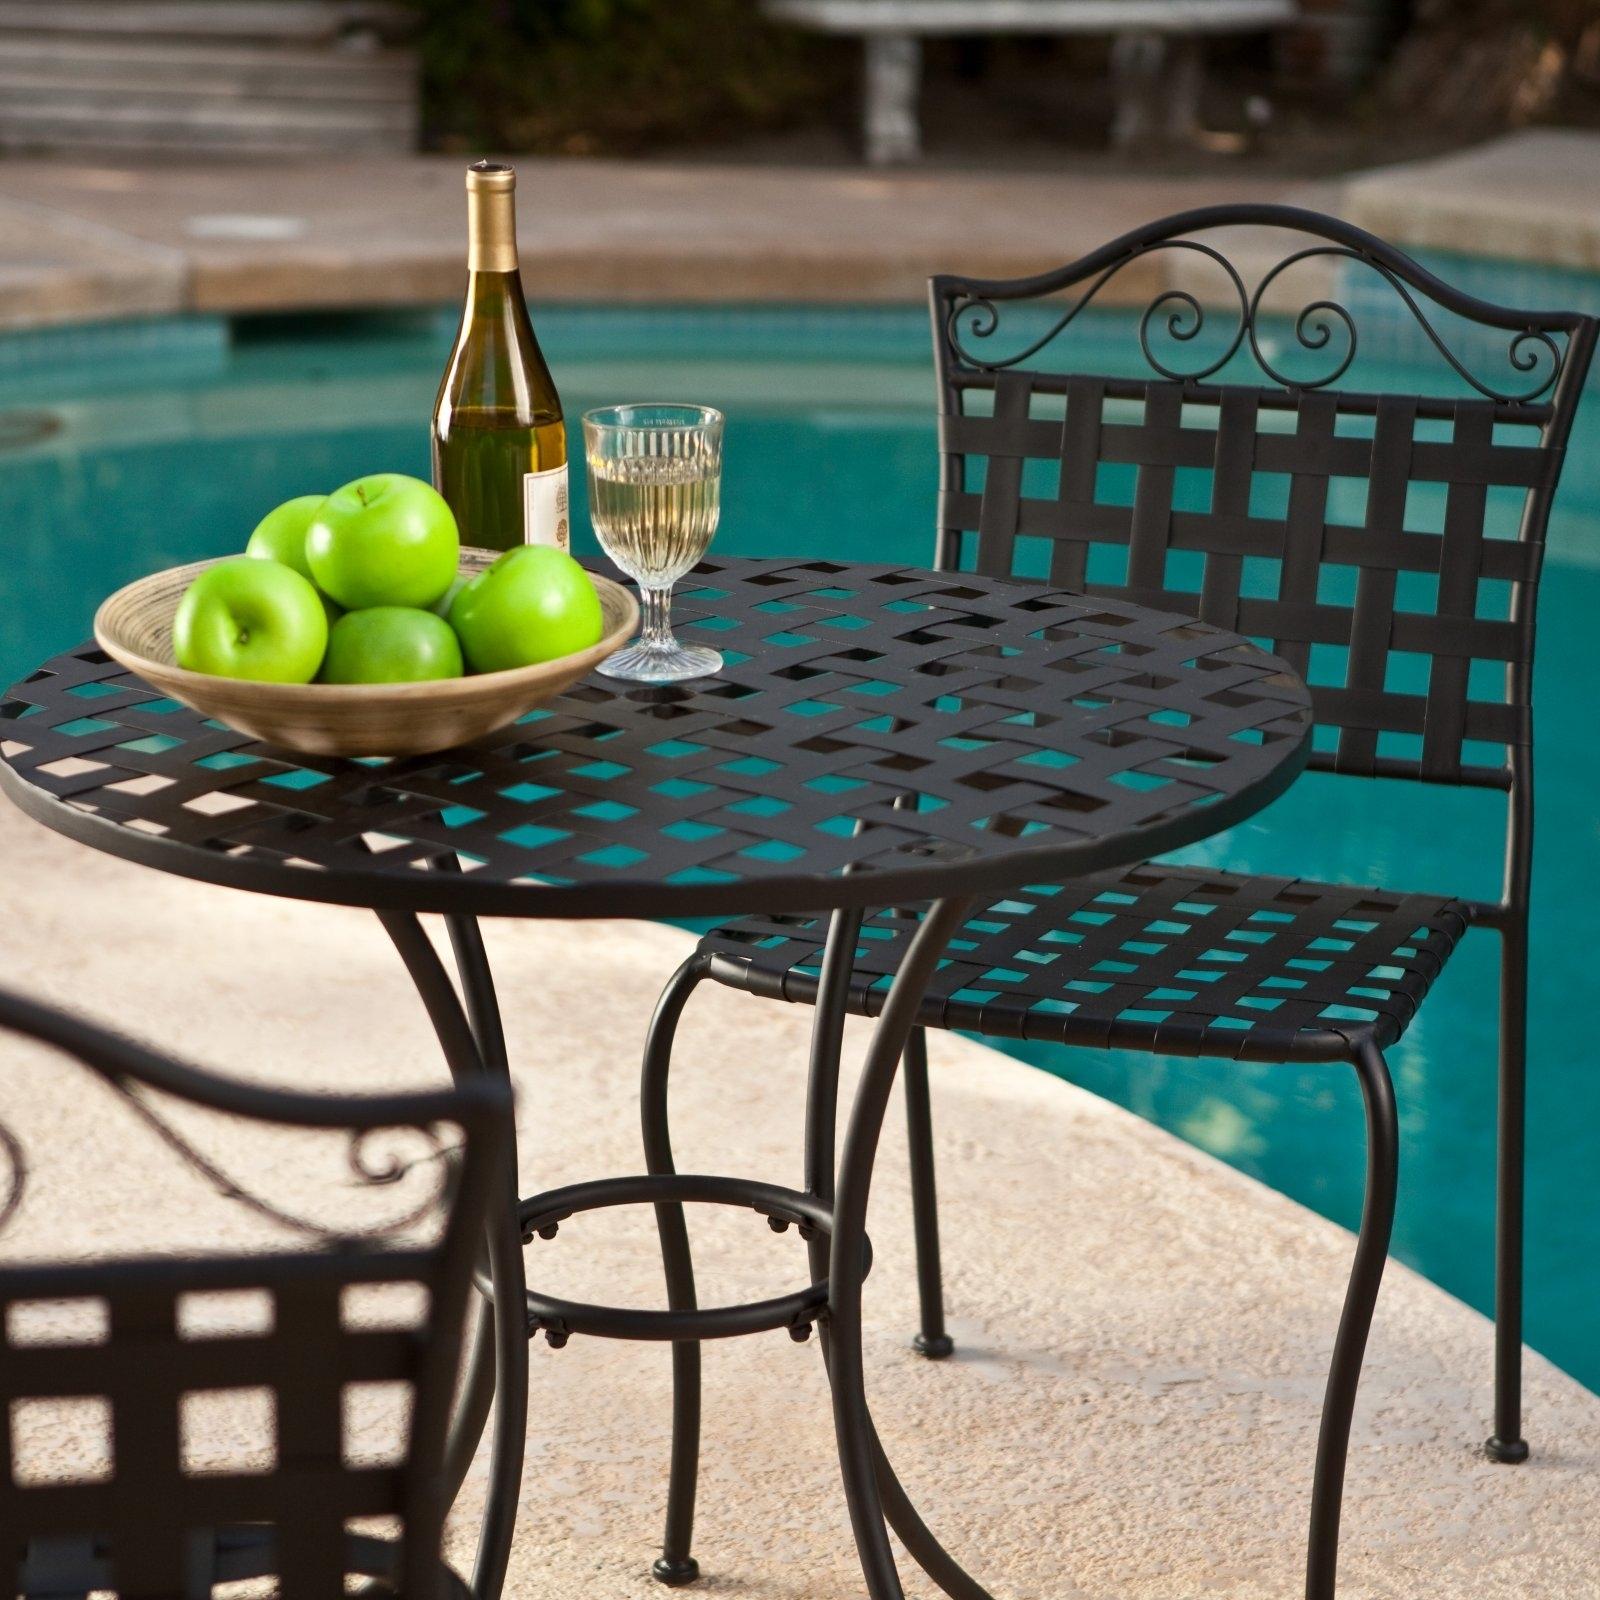 Ikea sedie per cucina prezzi : ikea arredi per esterni. ikea ...